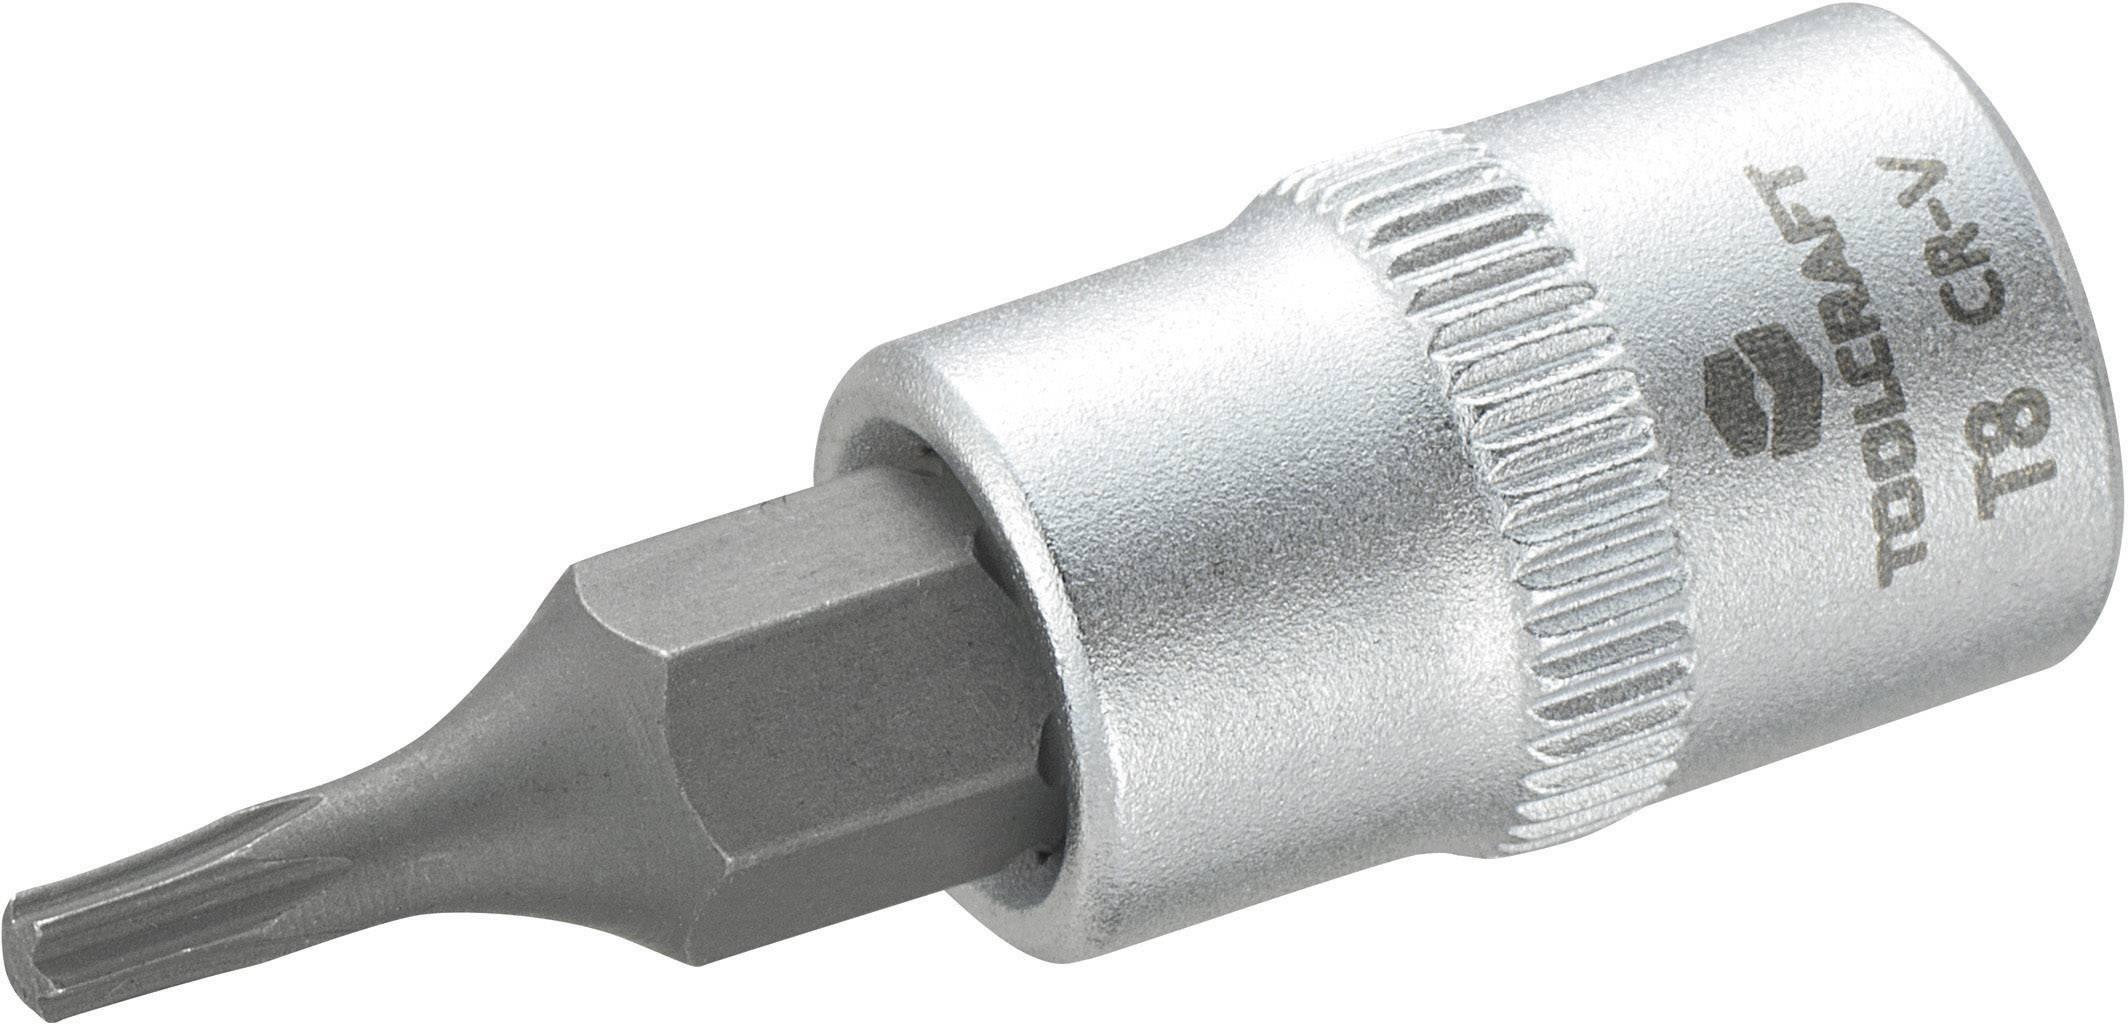 """Násada nástrčného klíče s T profilem T8, Toolcraft, 6,3 mm (1/4"""")"""